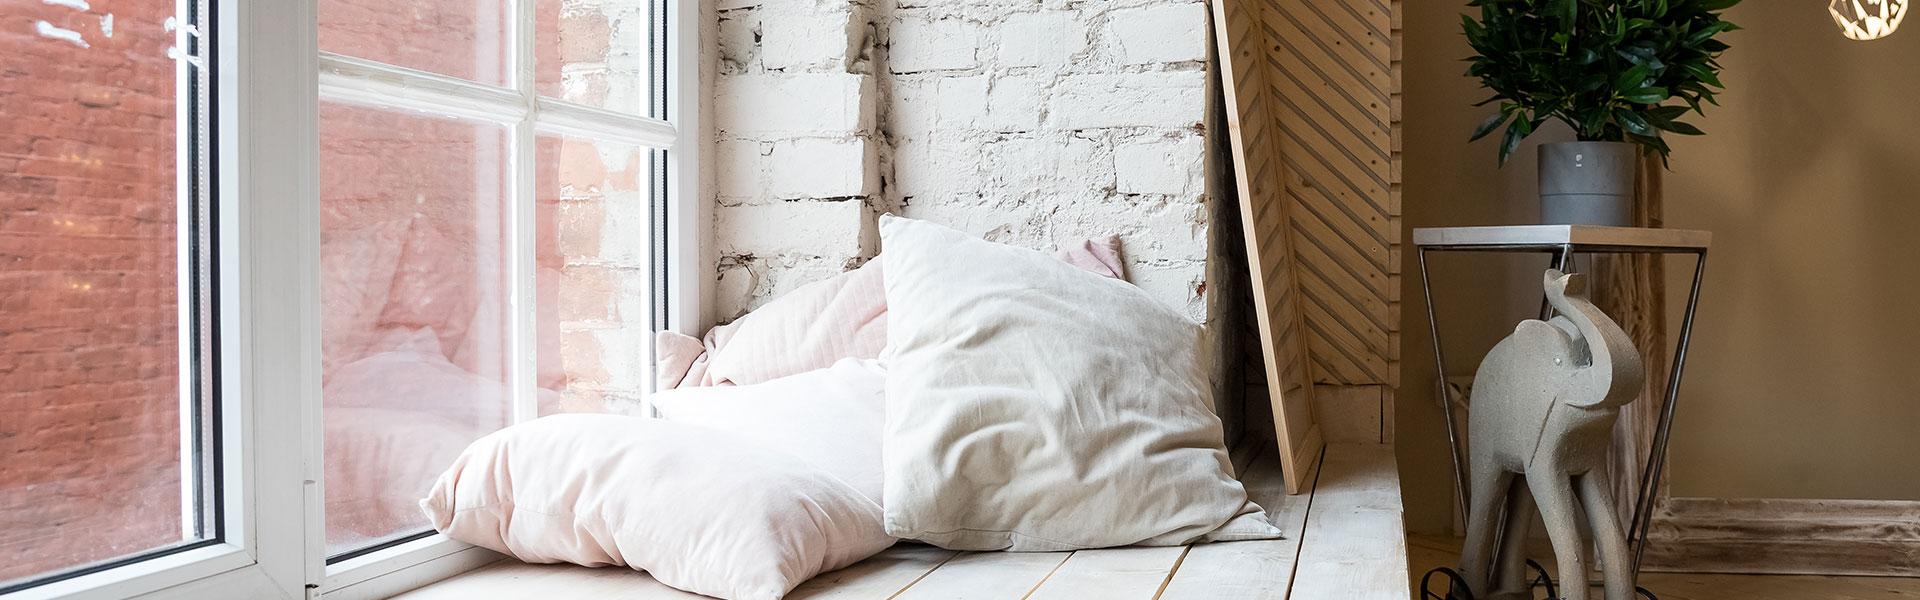 Gemütliches und breites Fensterbrett mit Kissen